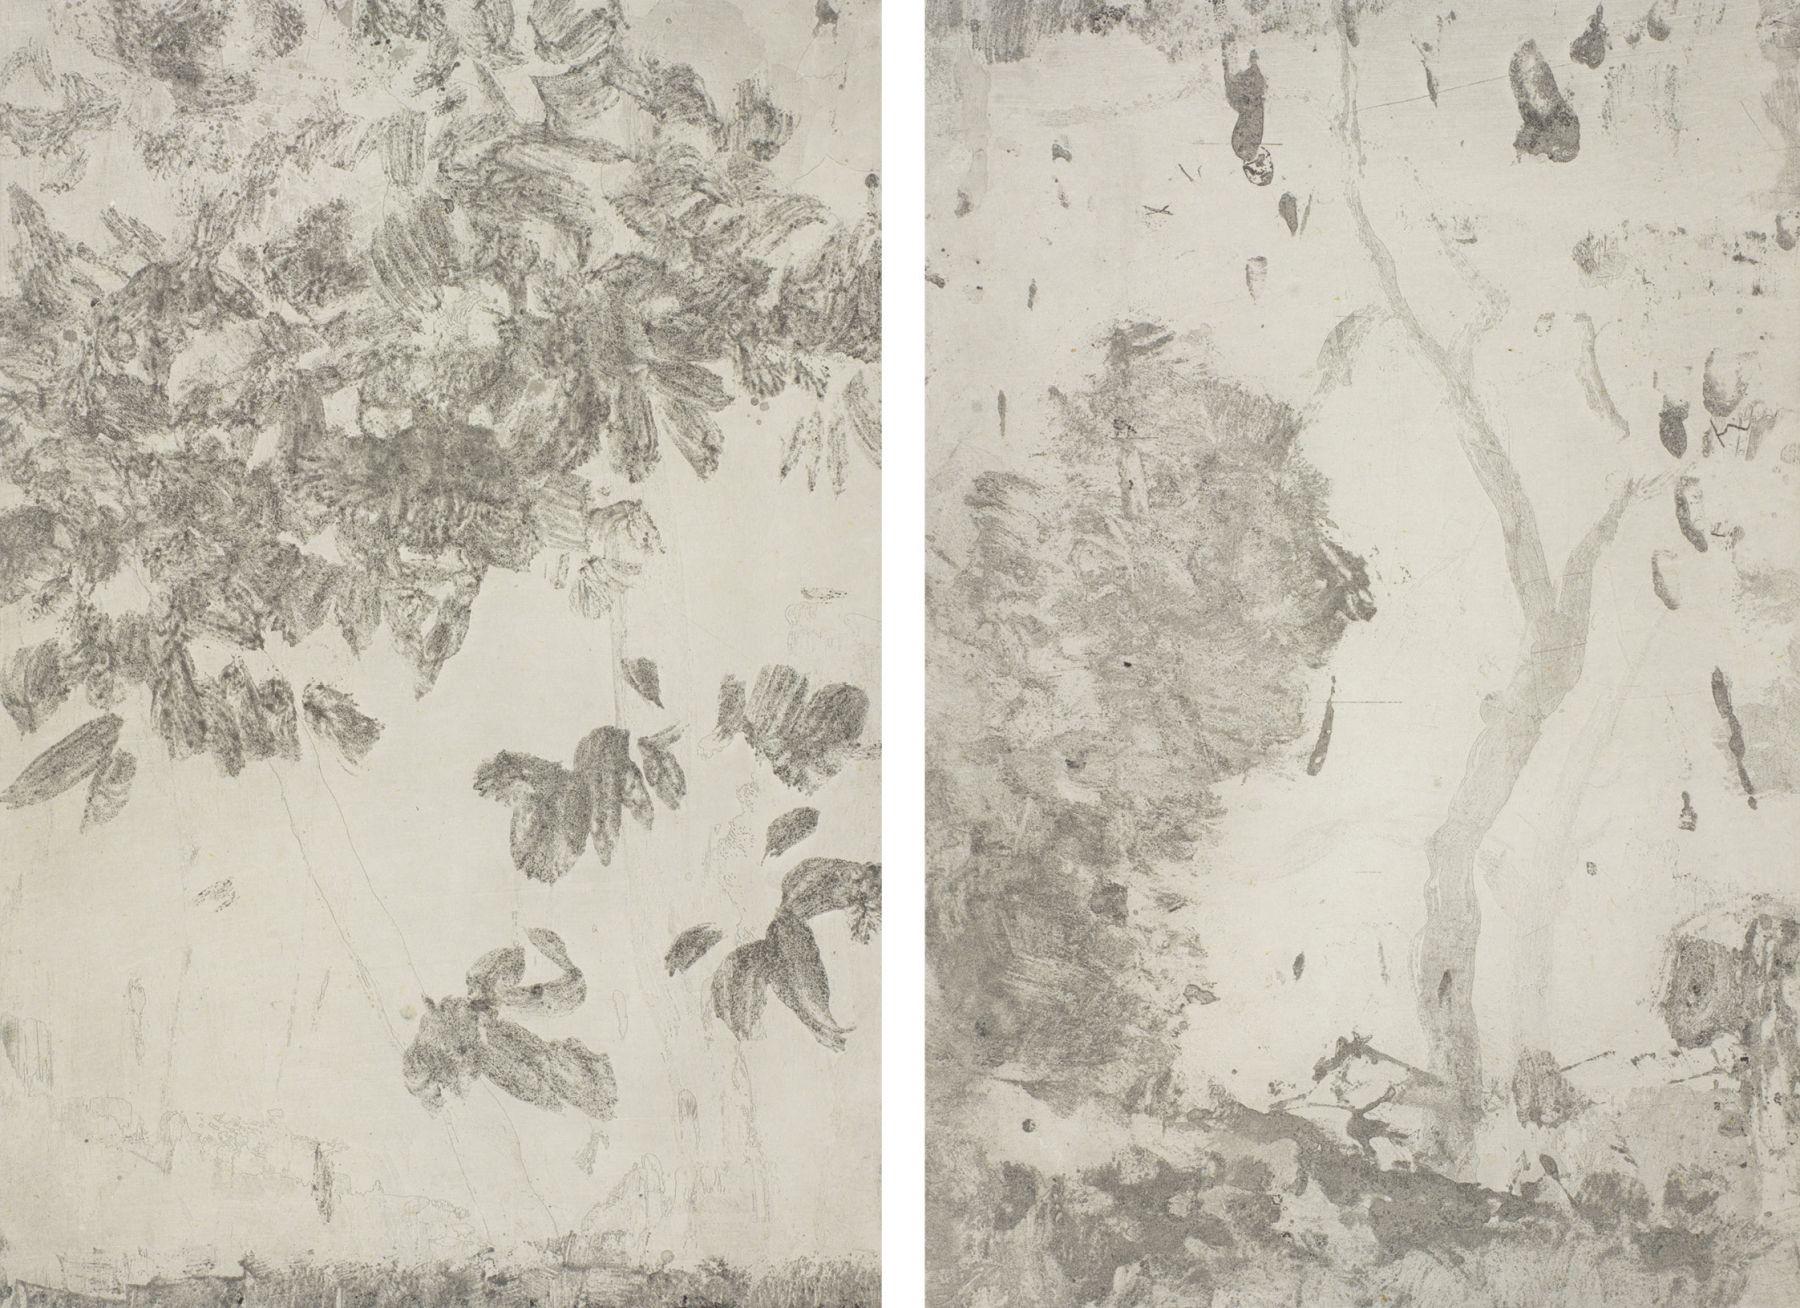 Yan Shanchun 严善錞 (b. 1957), West Lake-Feng Mu Wuè¥¿æ¹–•æž«æœ¨åž